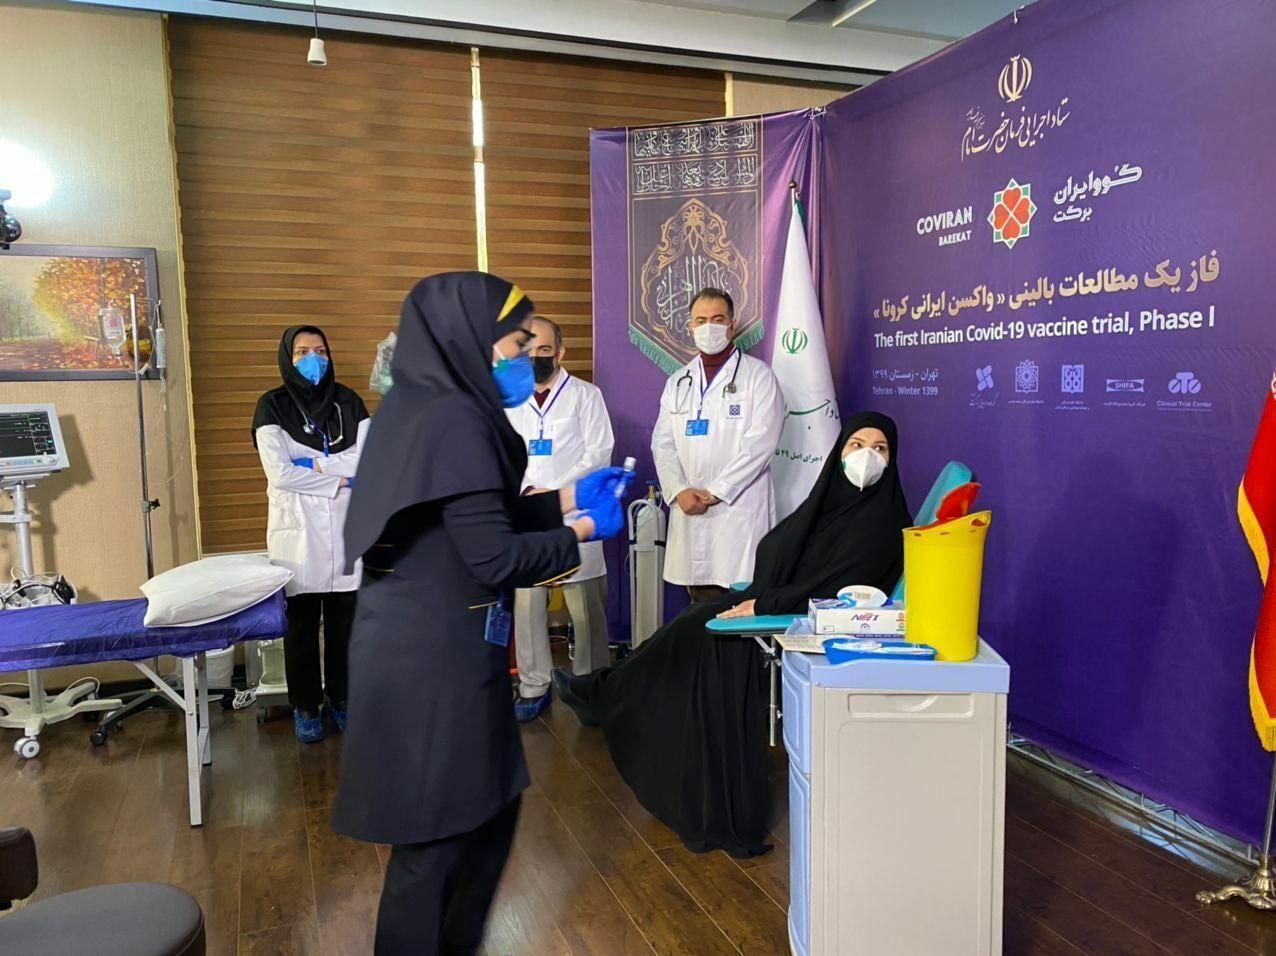 رونمایی از کُوو ایران برکت؛ نخستین واکسن ایرانی کرونا